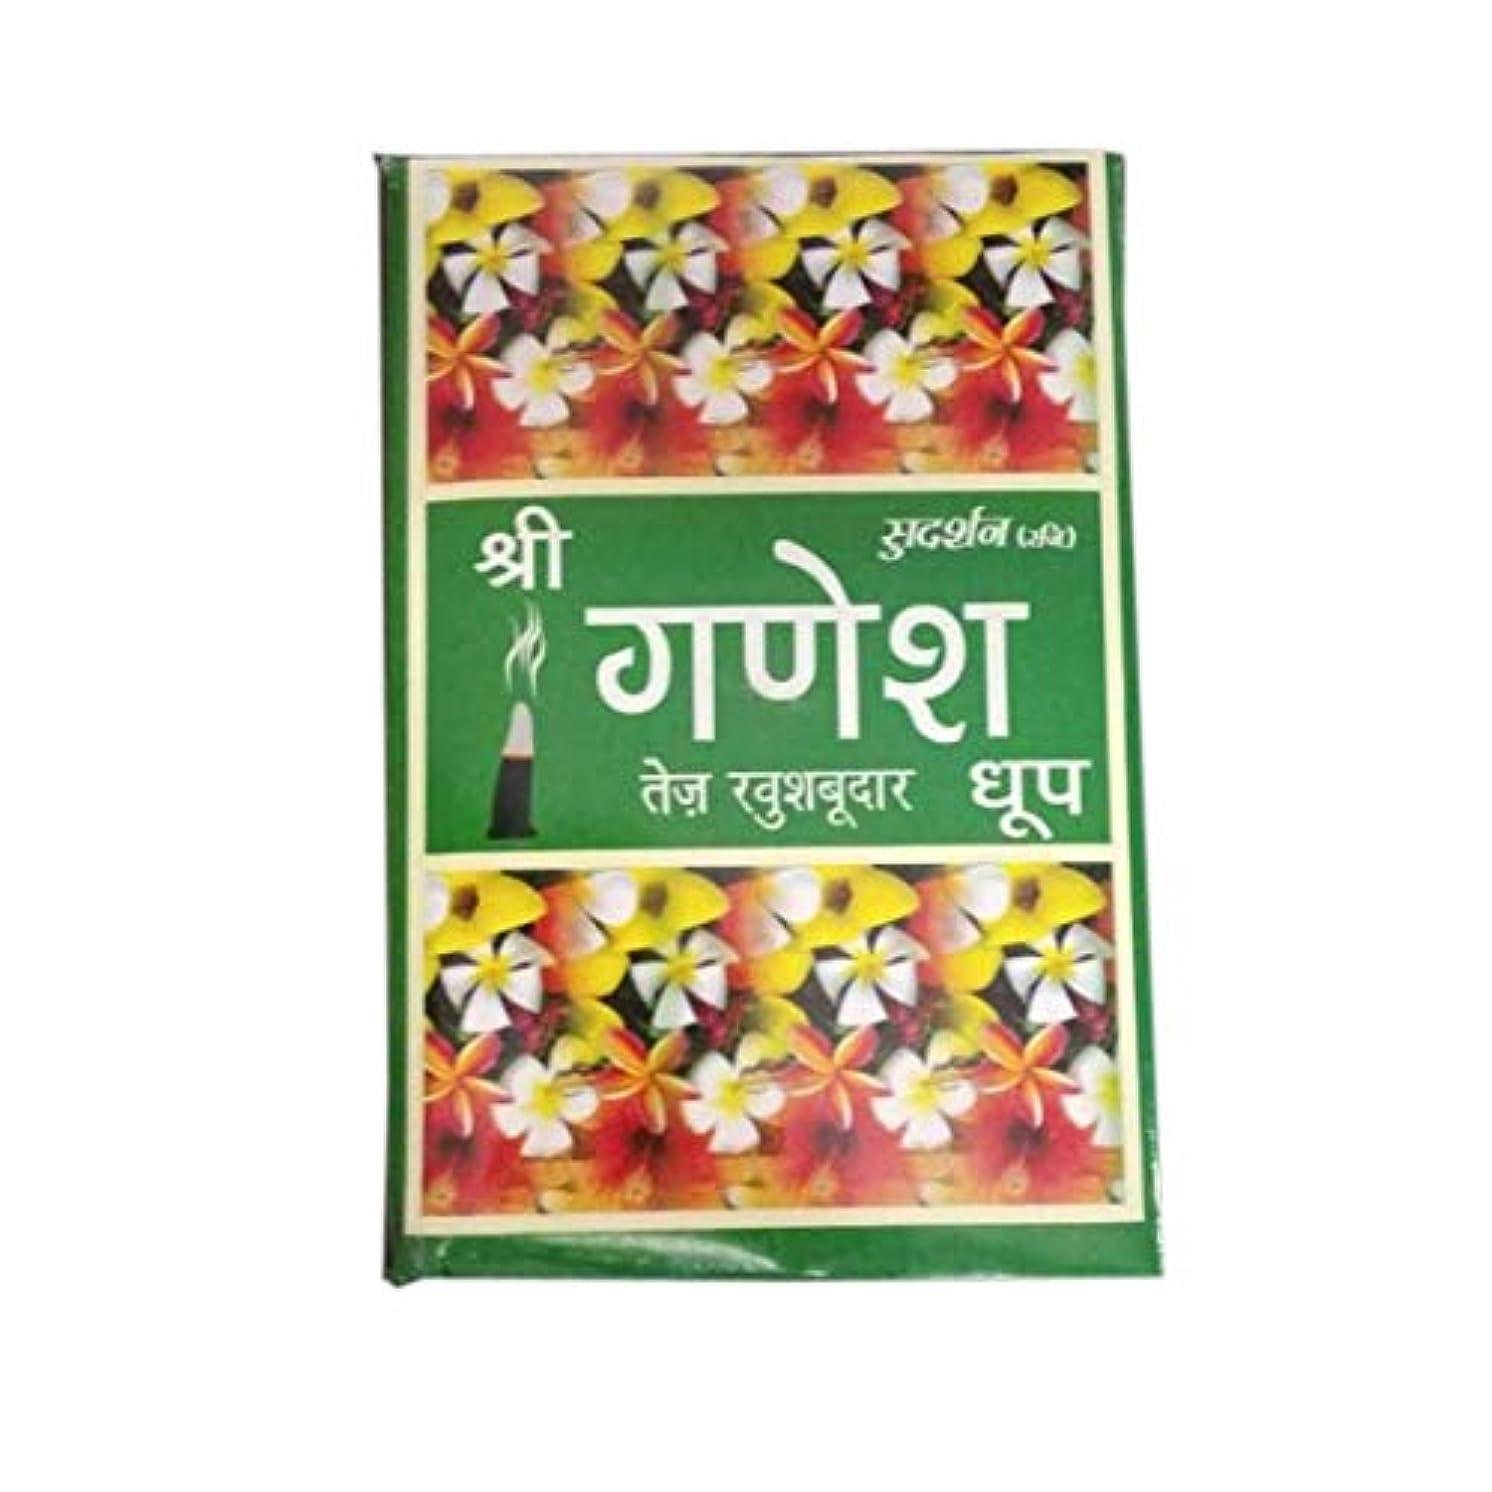 デマンド思い出氏Total Home :Sudarshan Shri Ganesh Highly Perfumed dhoop Fragrance for Positivity & Freshness Fragrance Dhoop Batti (Pack of 24) Box 1